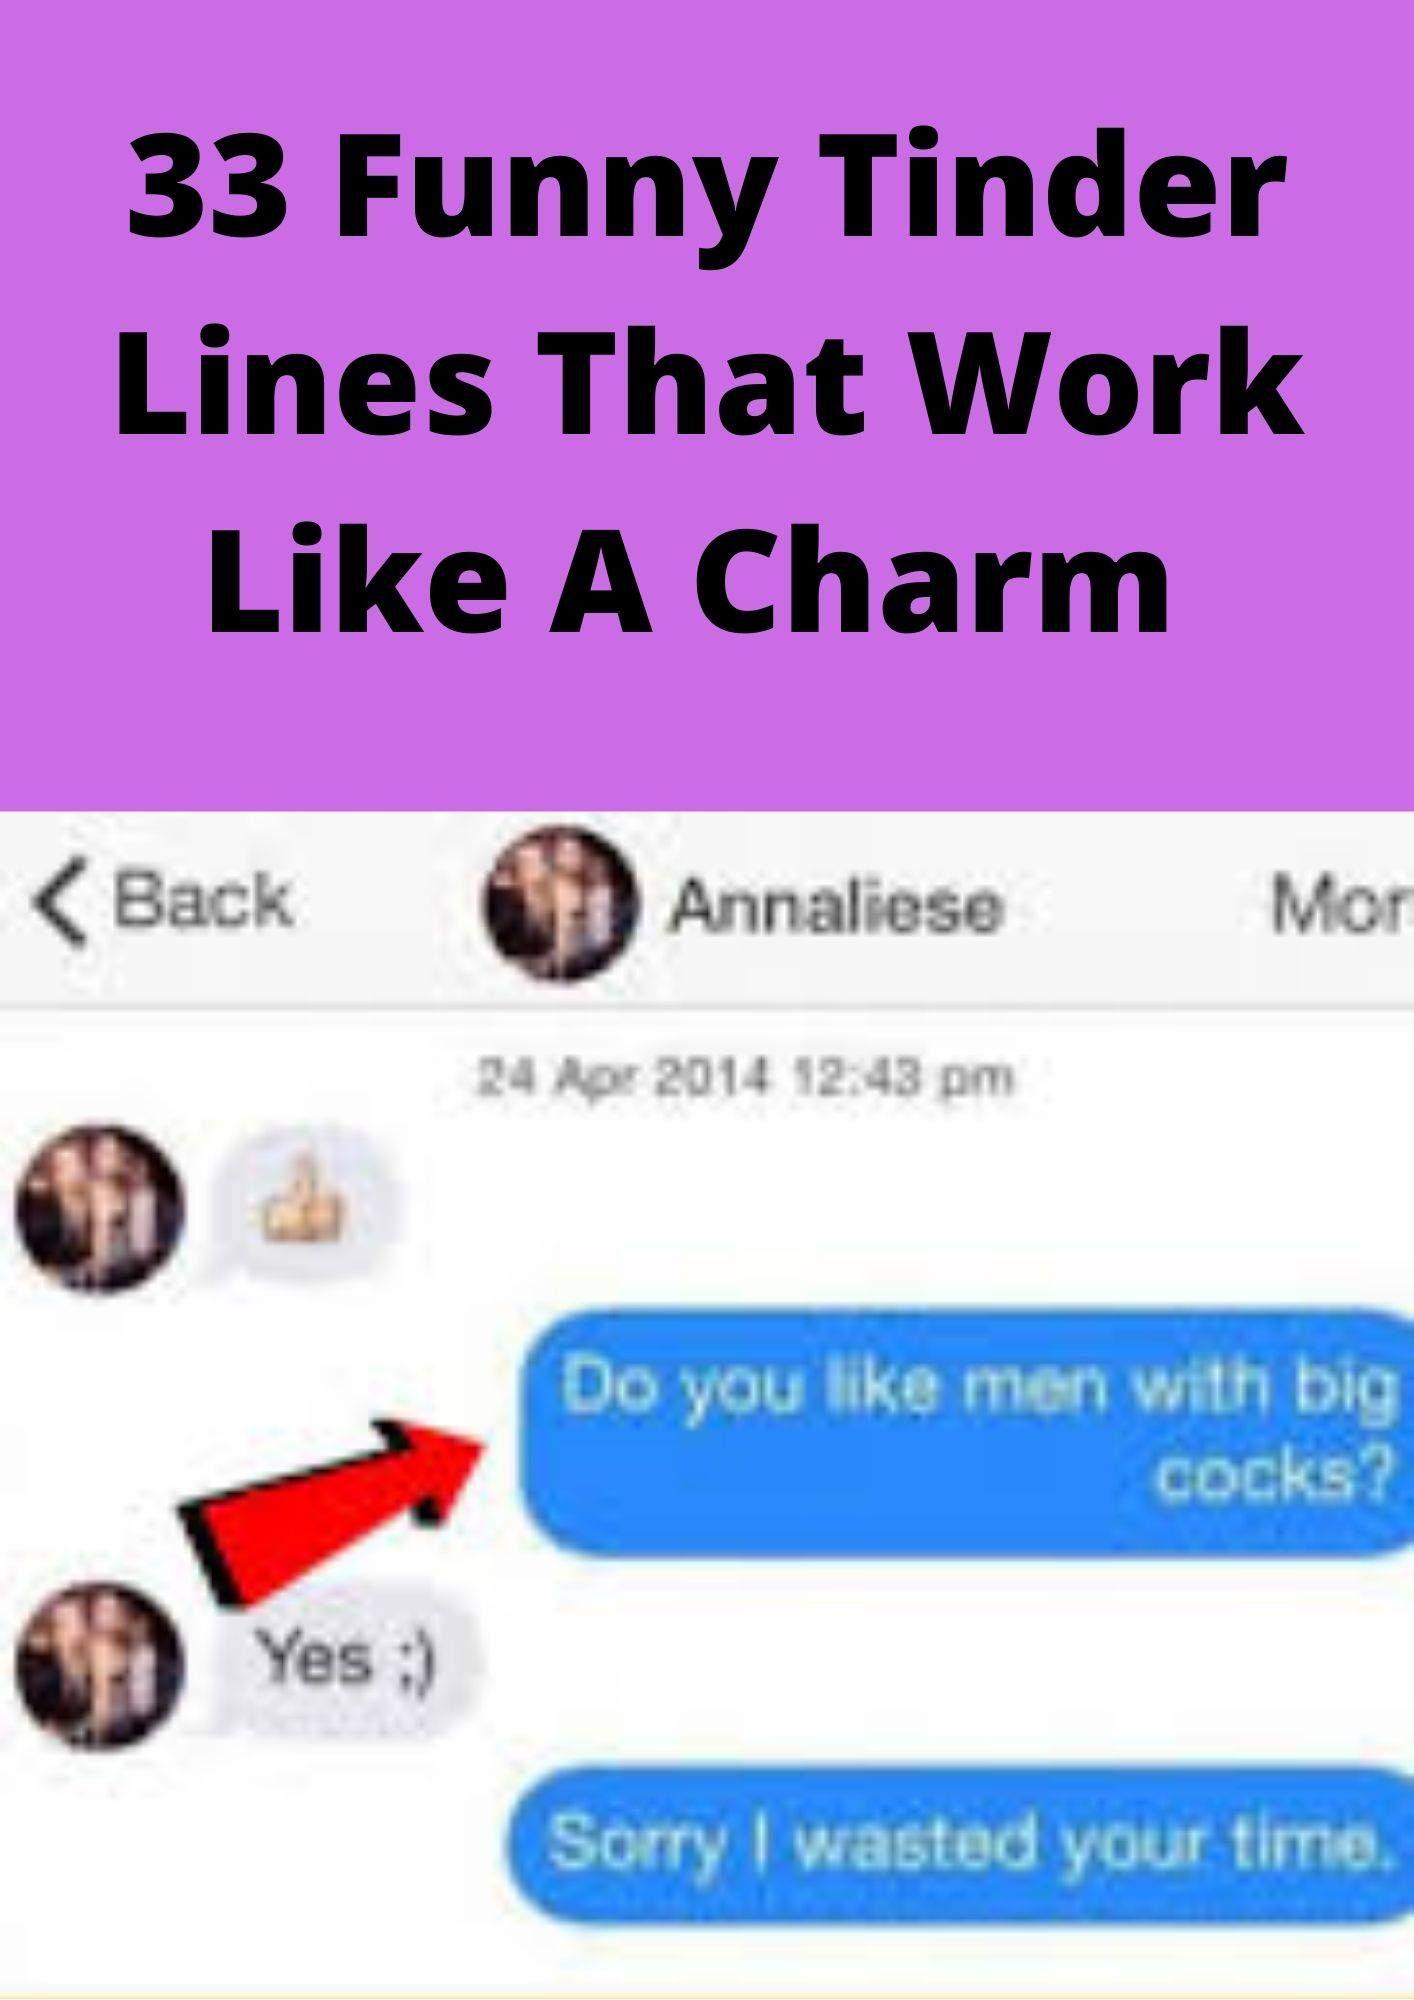 33 Funny Tinder Lines That Work Like A Charm Tinder Humor Tinder Lines Tinder